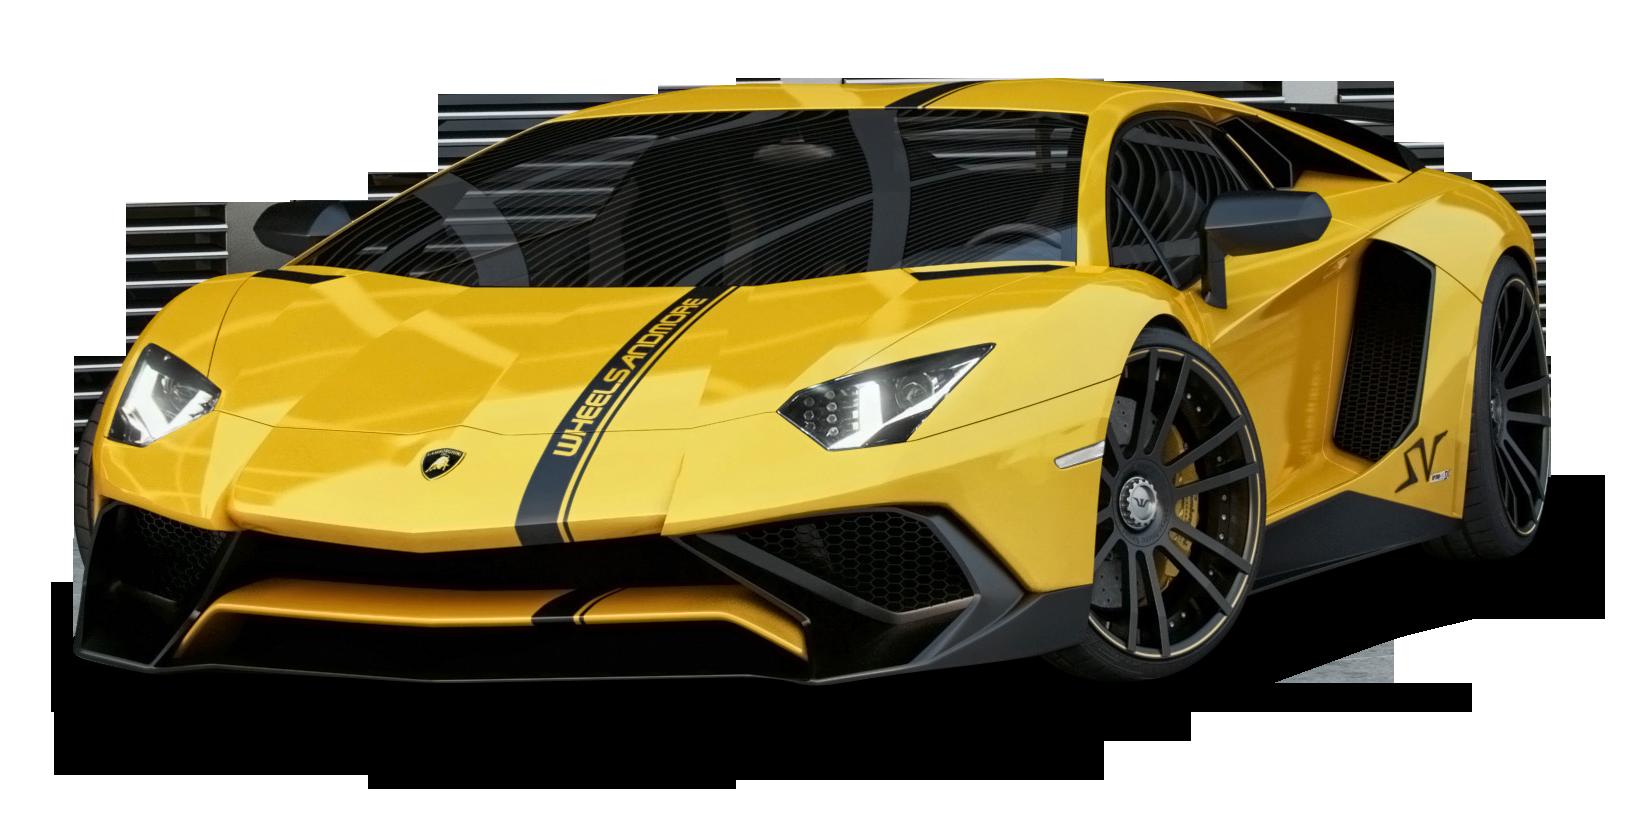 Yellow Lamborghini Aventador Car Png Image Purepng Free